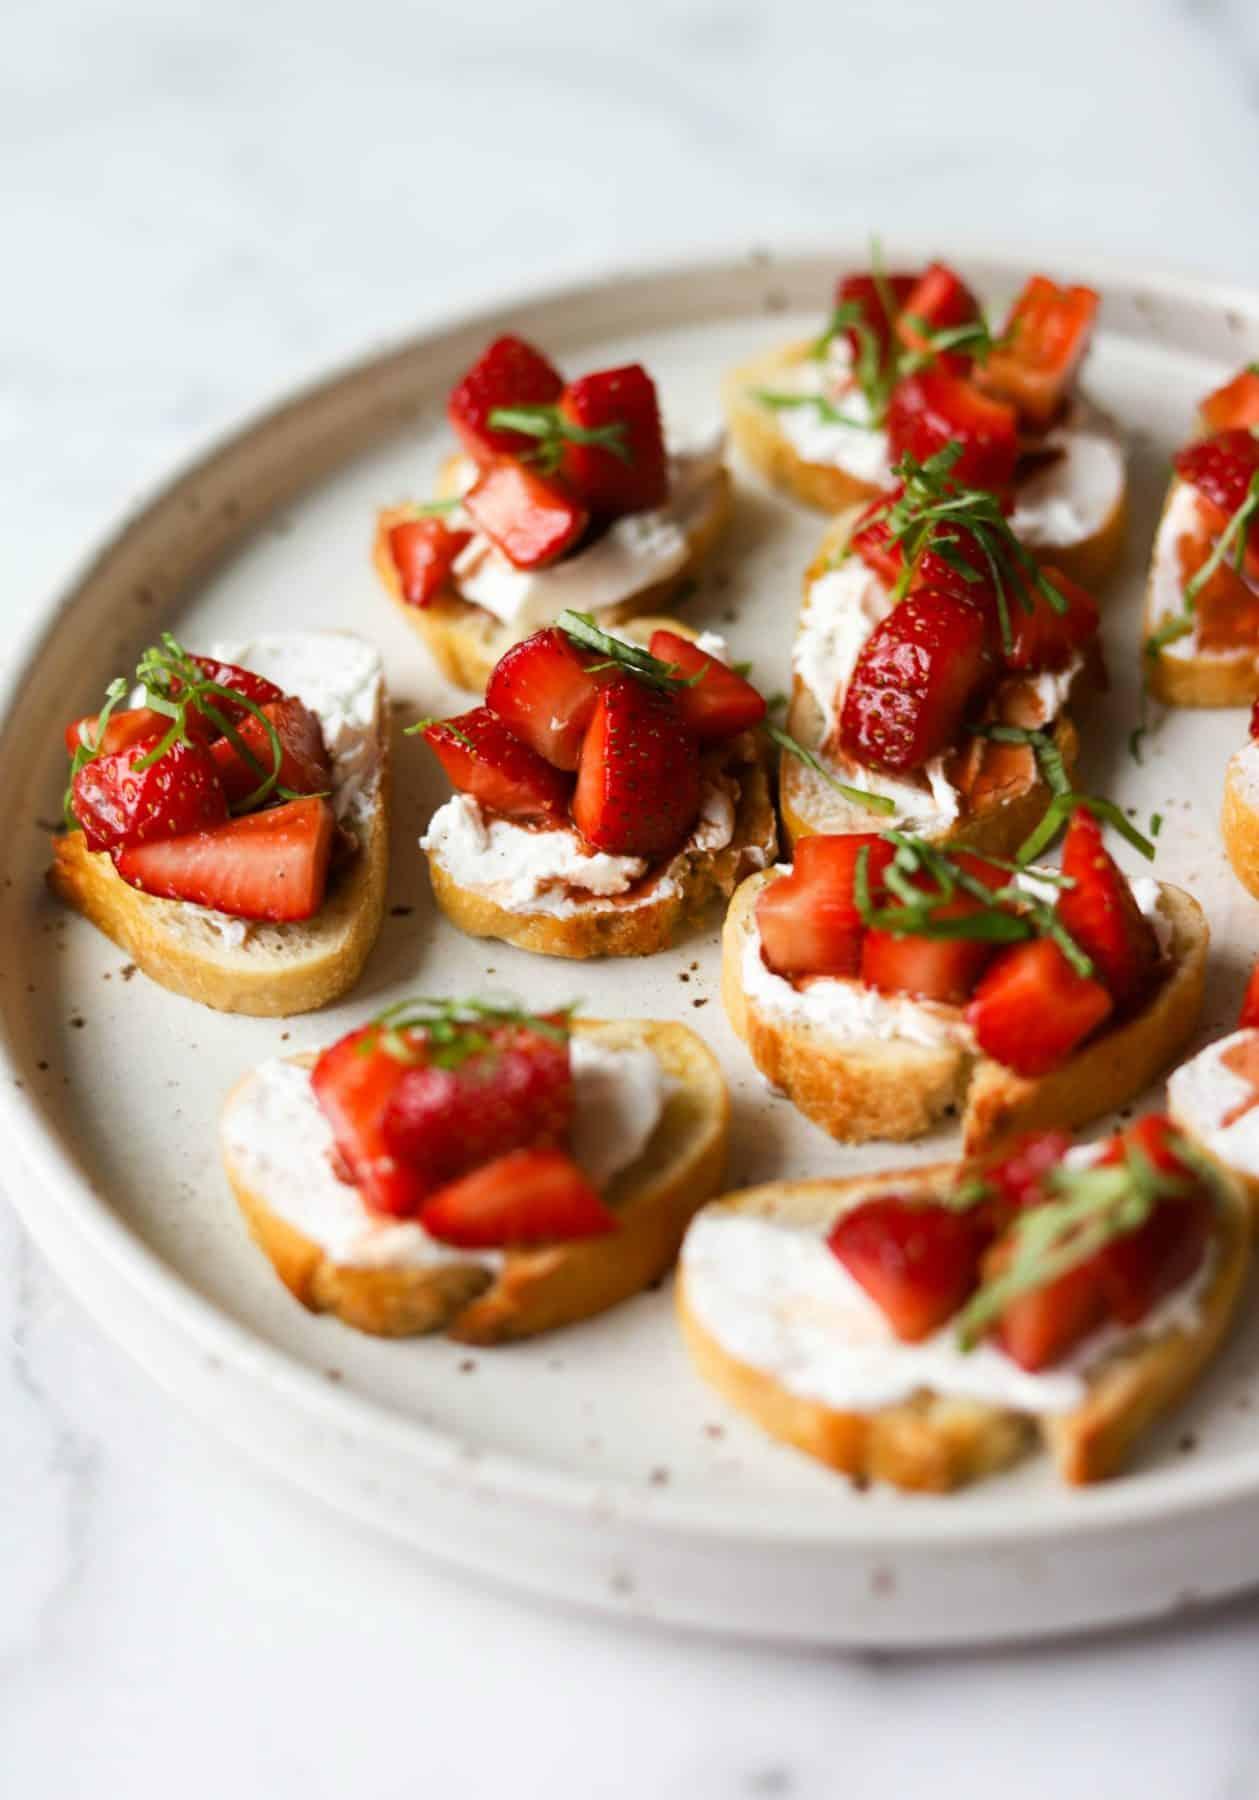 Strawberry basil bruschetta uses in-season strawberries